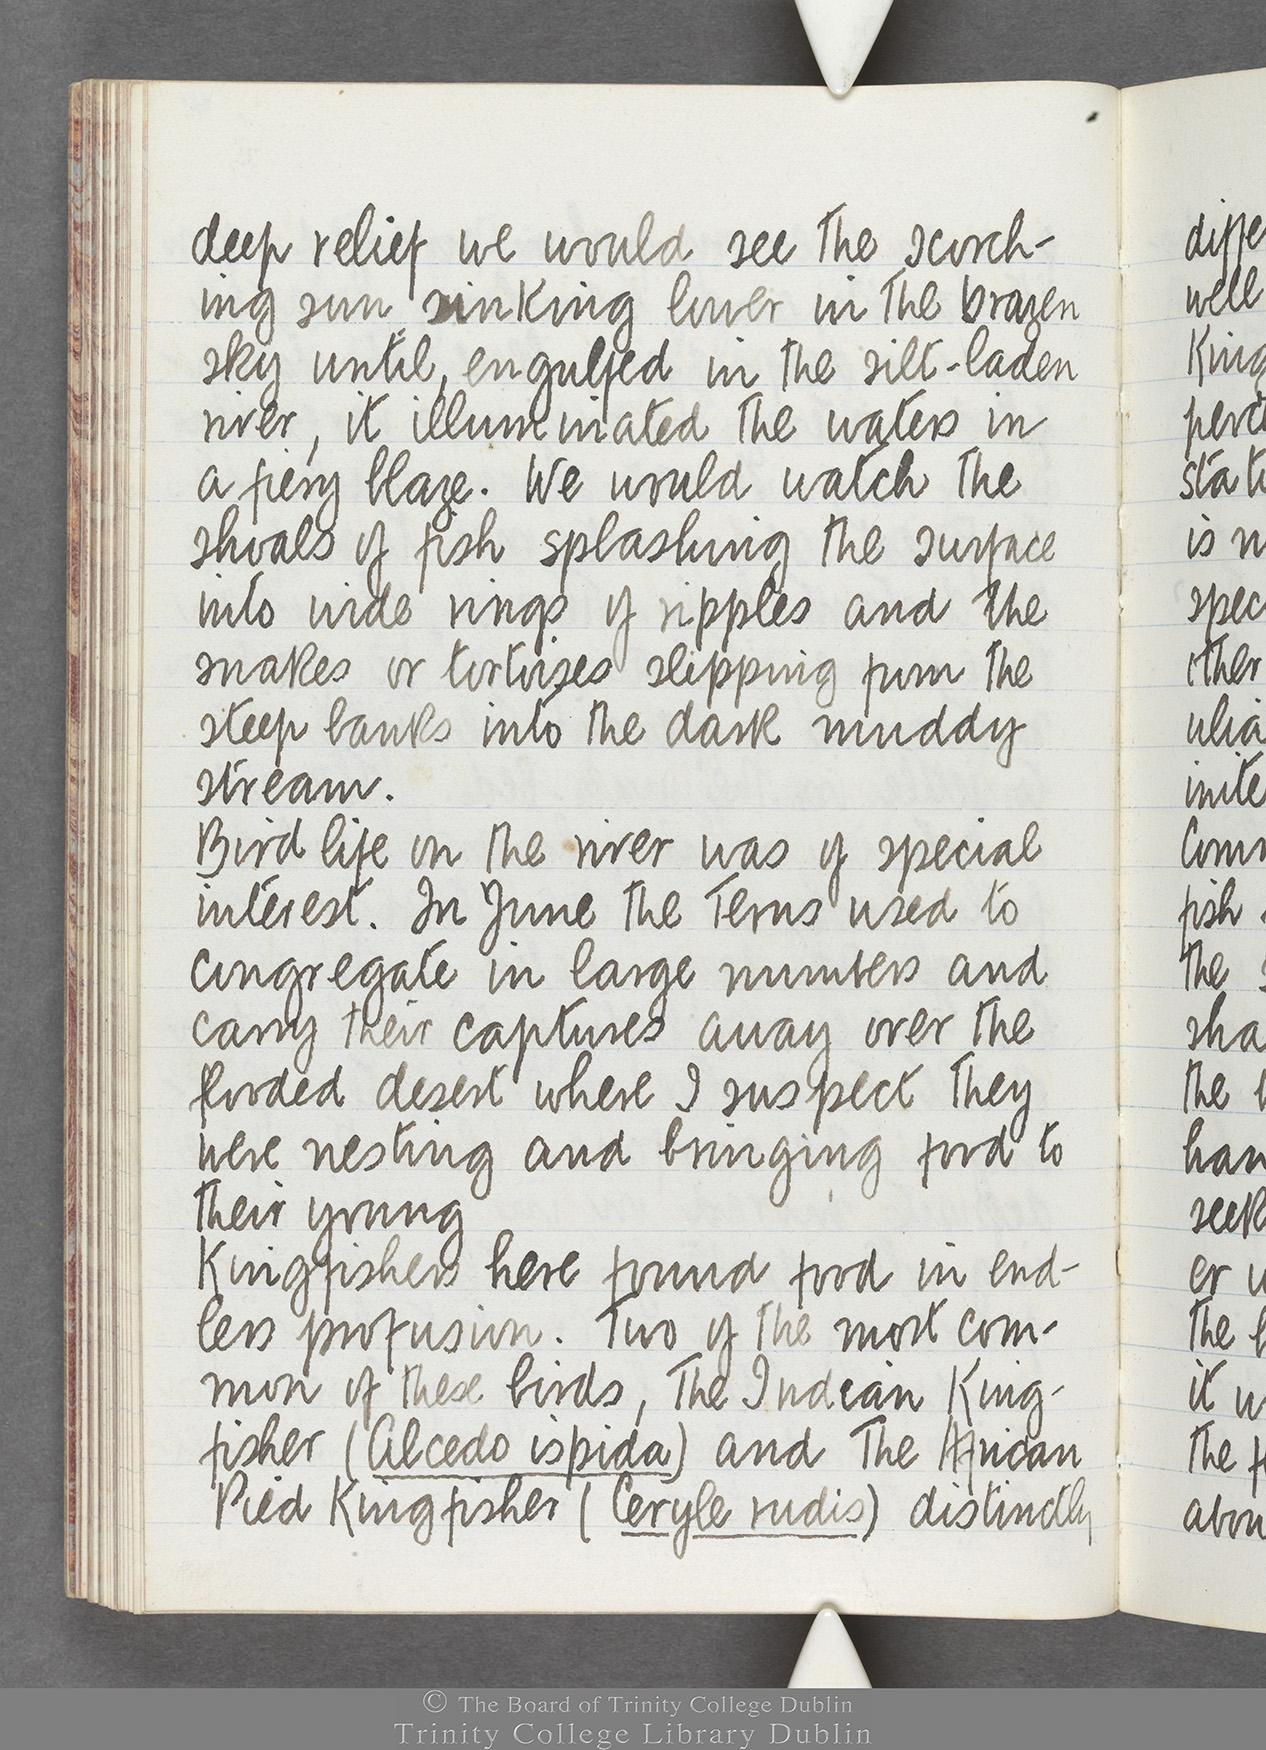 TCD MS 10516 folio 60 verso